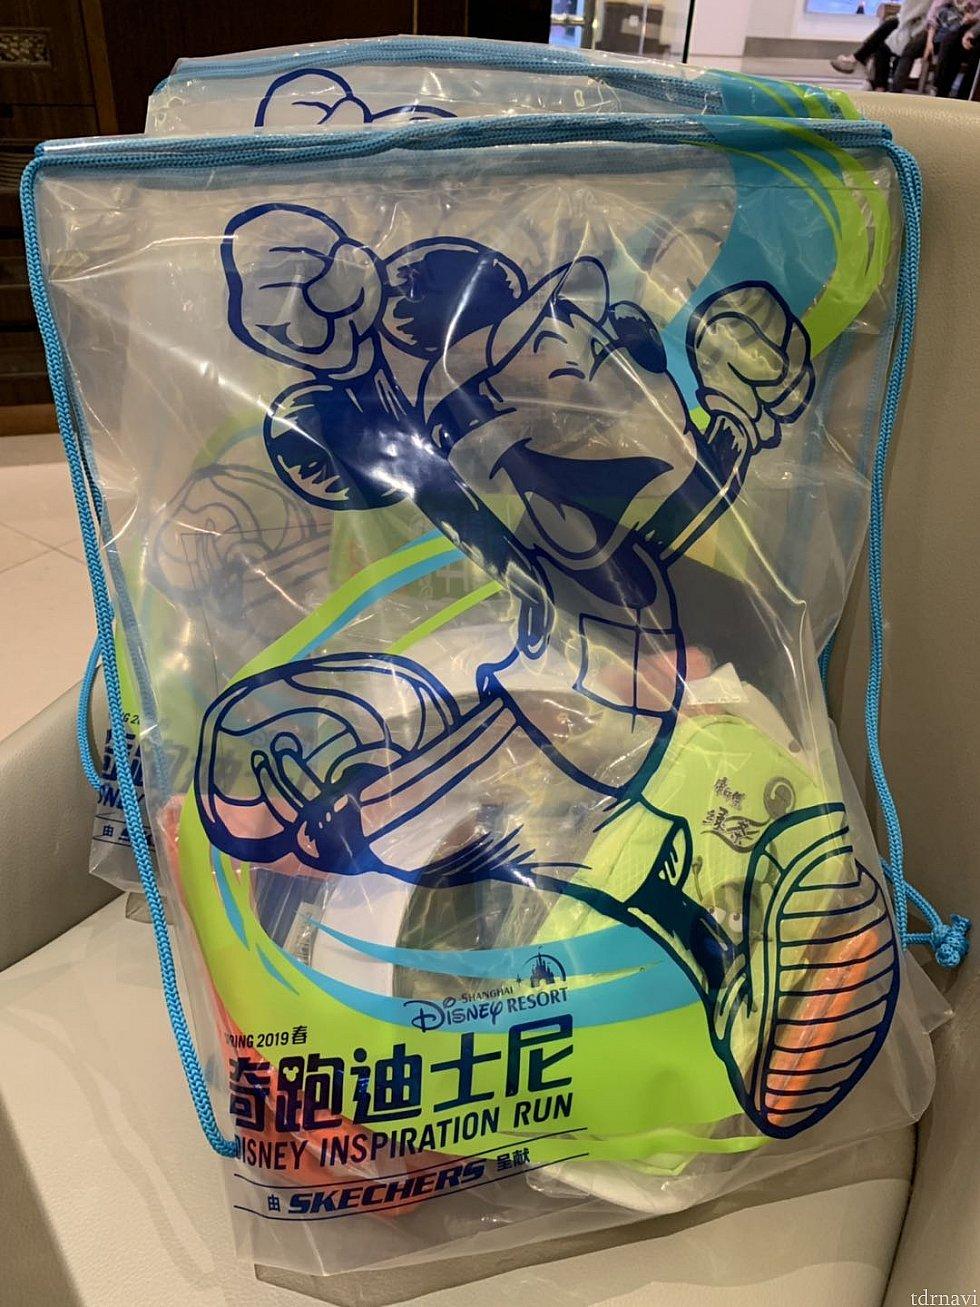 透明のリュック型のビニール袋にゼッケンやその他の物が入っています。